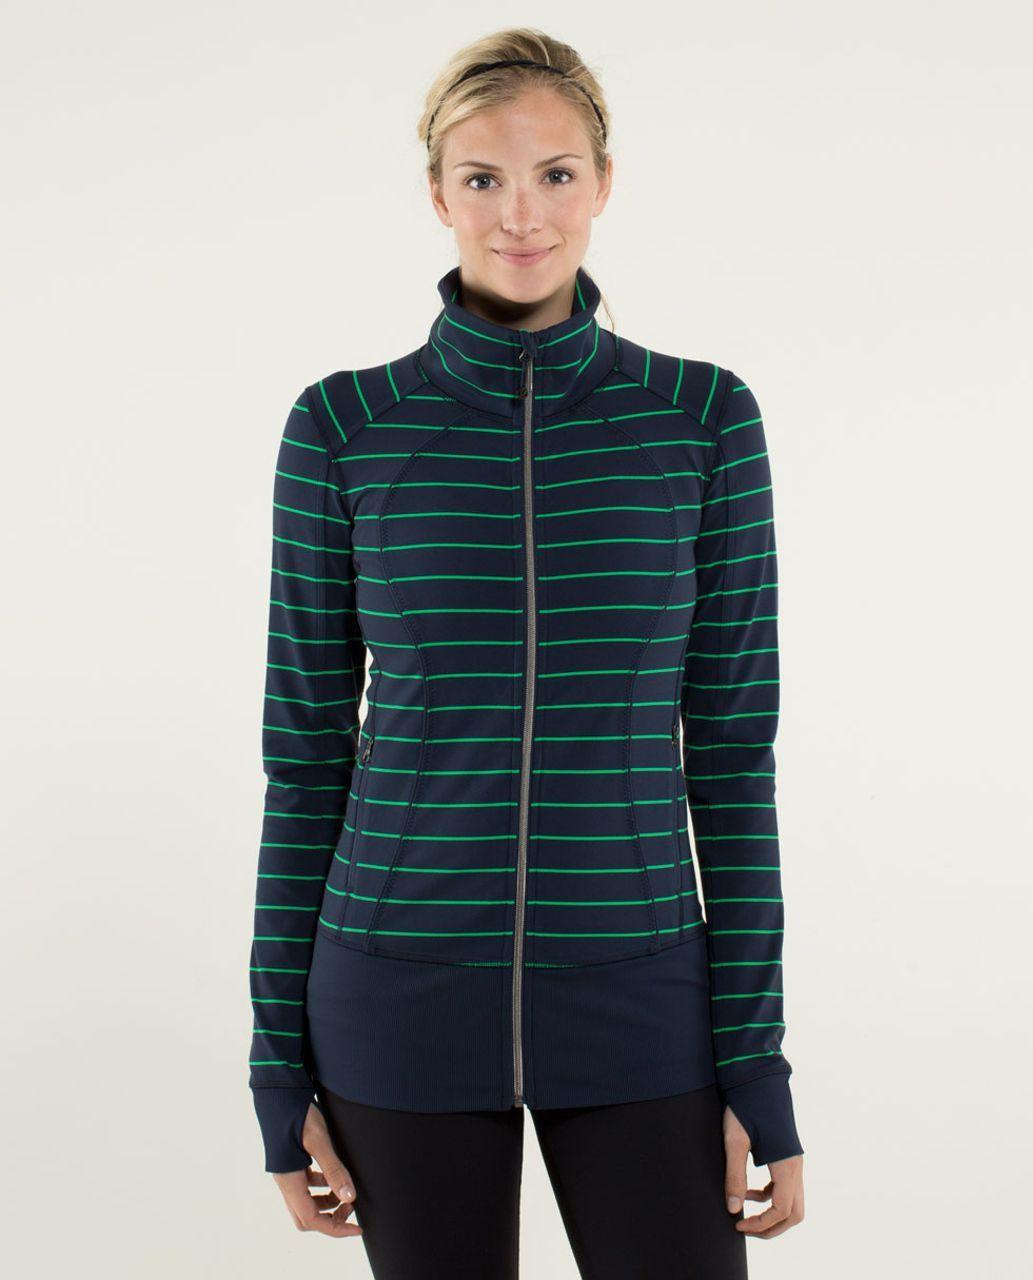 57843e5ebb Lululemon Nice Asana Jacket - Slalom Stripe Inkwell / Inkwell in ...